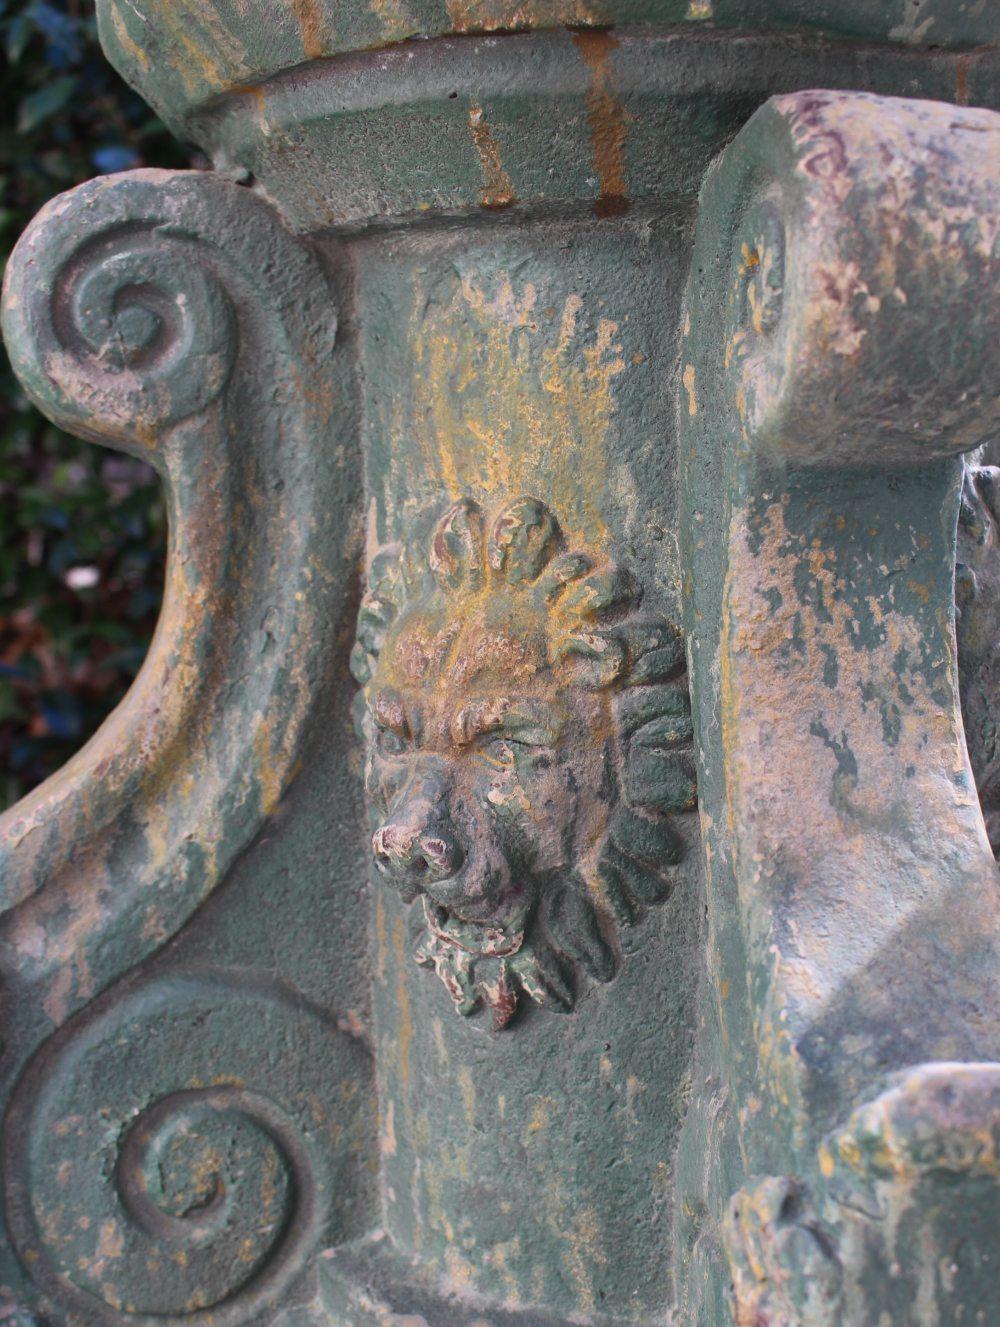 Lion Face Garden Pedestal for Statues Flowers Antique Replica Cottage Chic